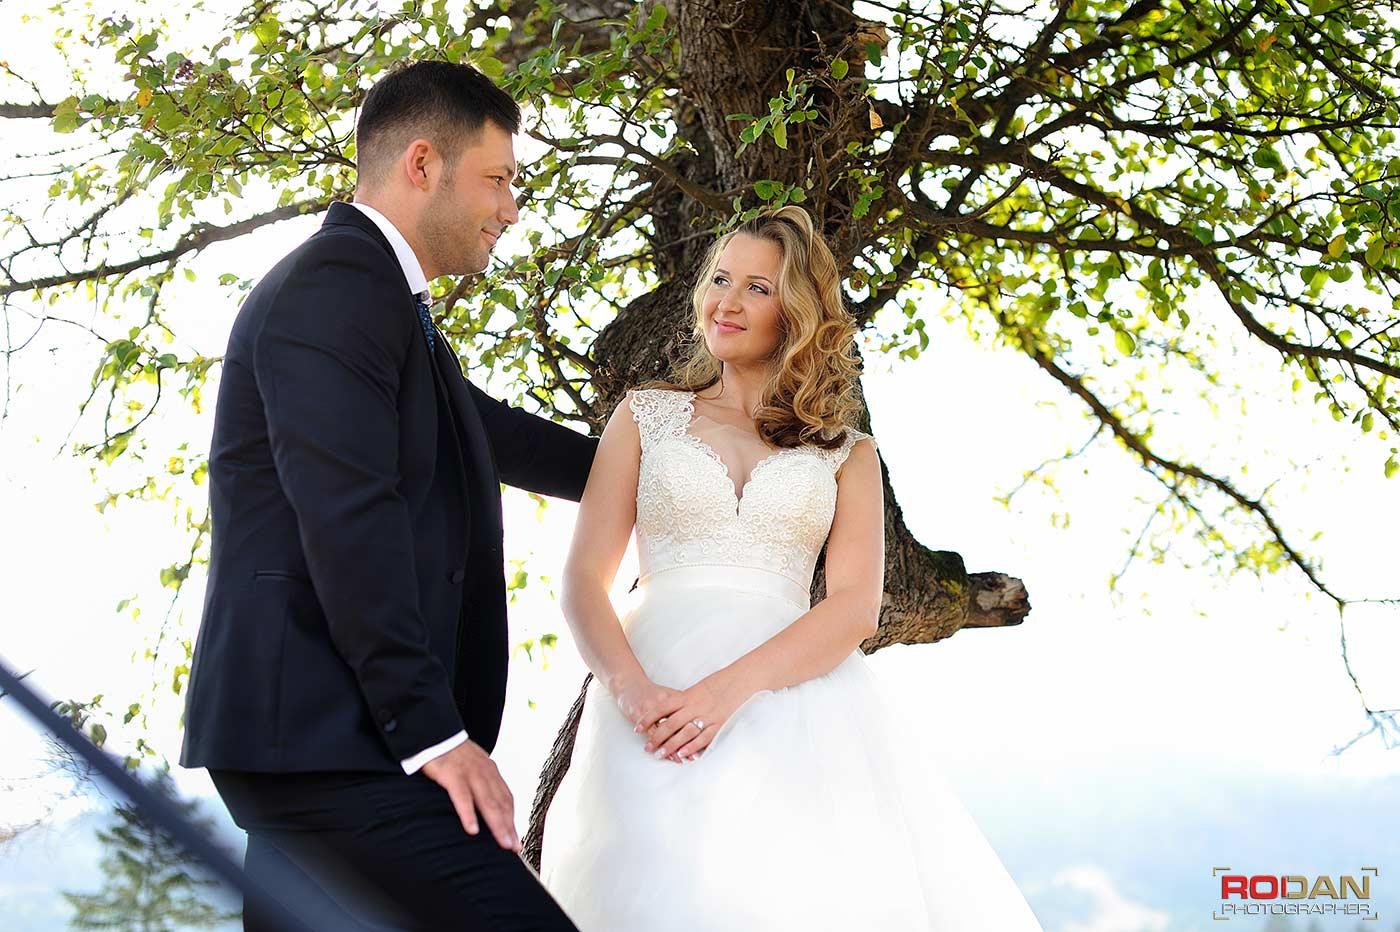 fotografi buni pentru nunta piatra neamt